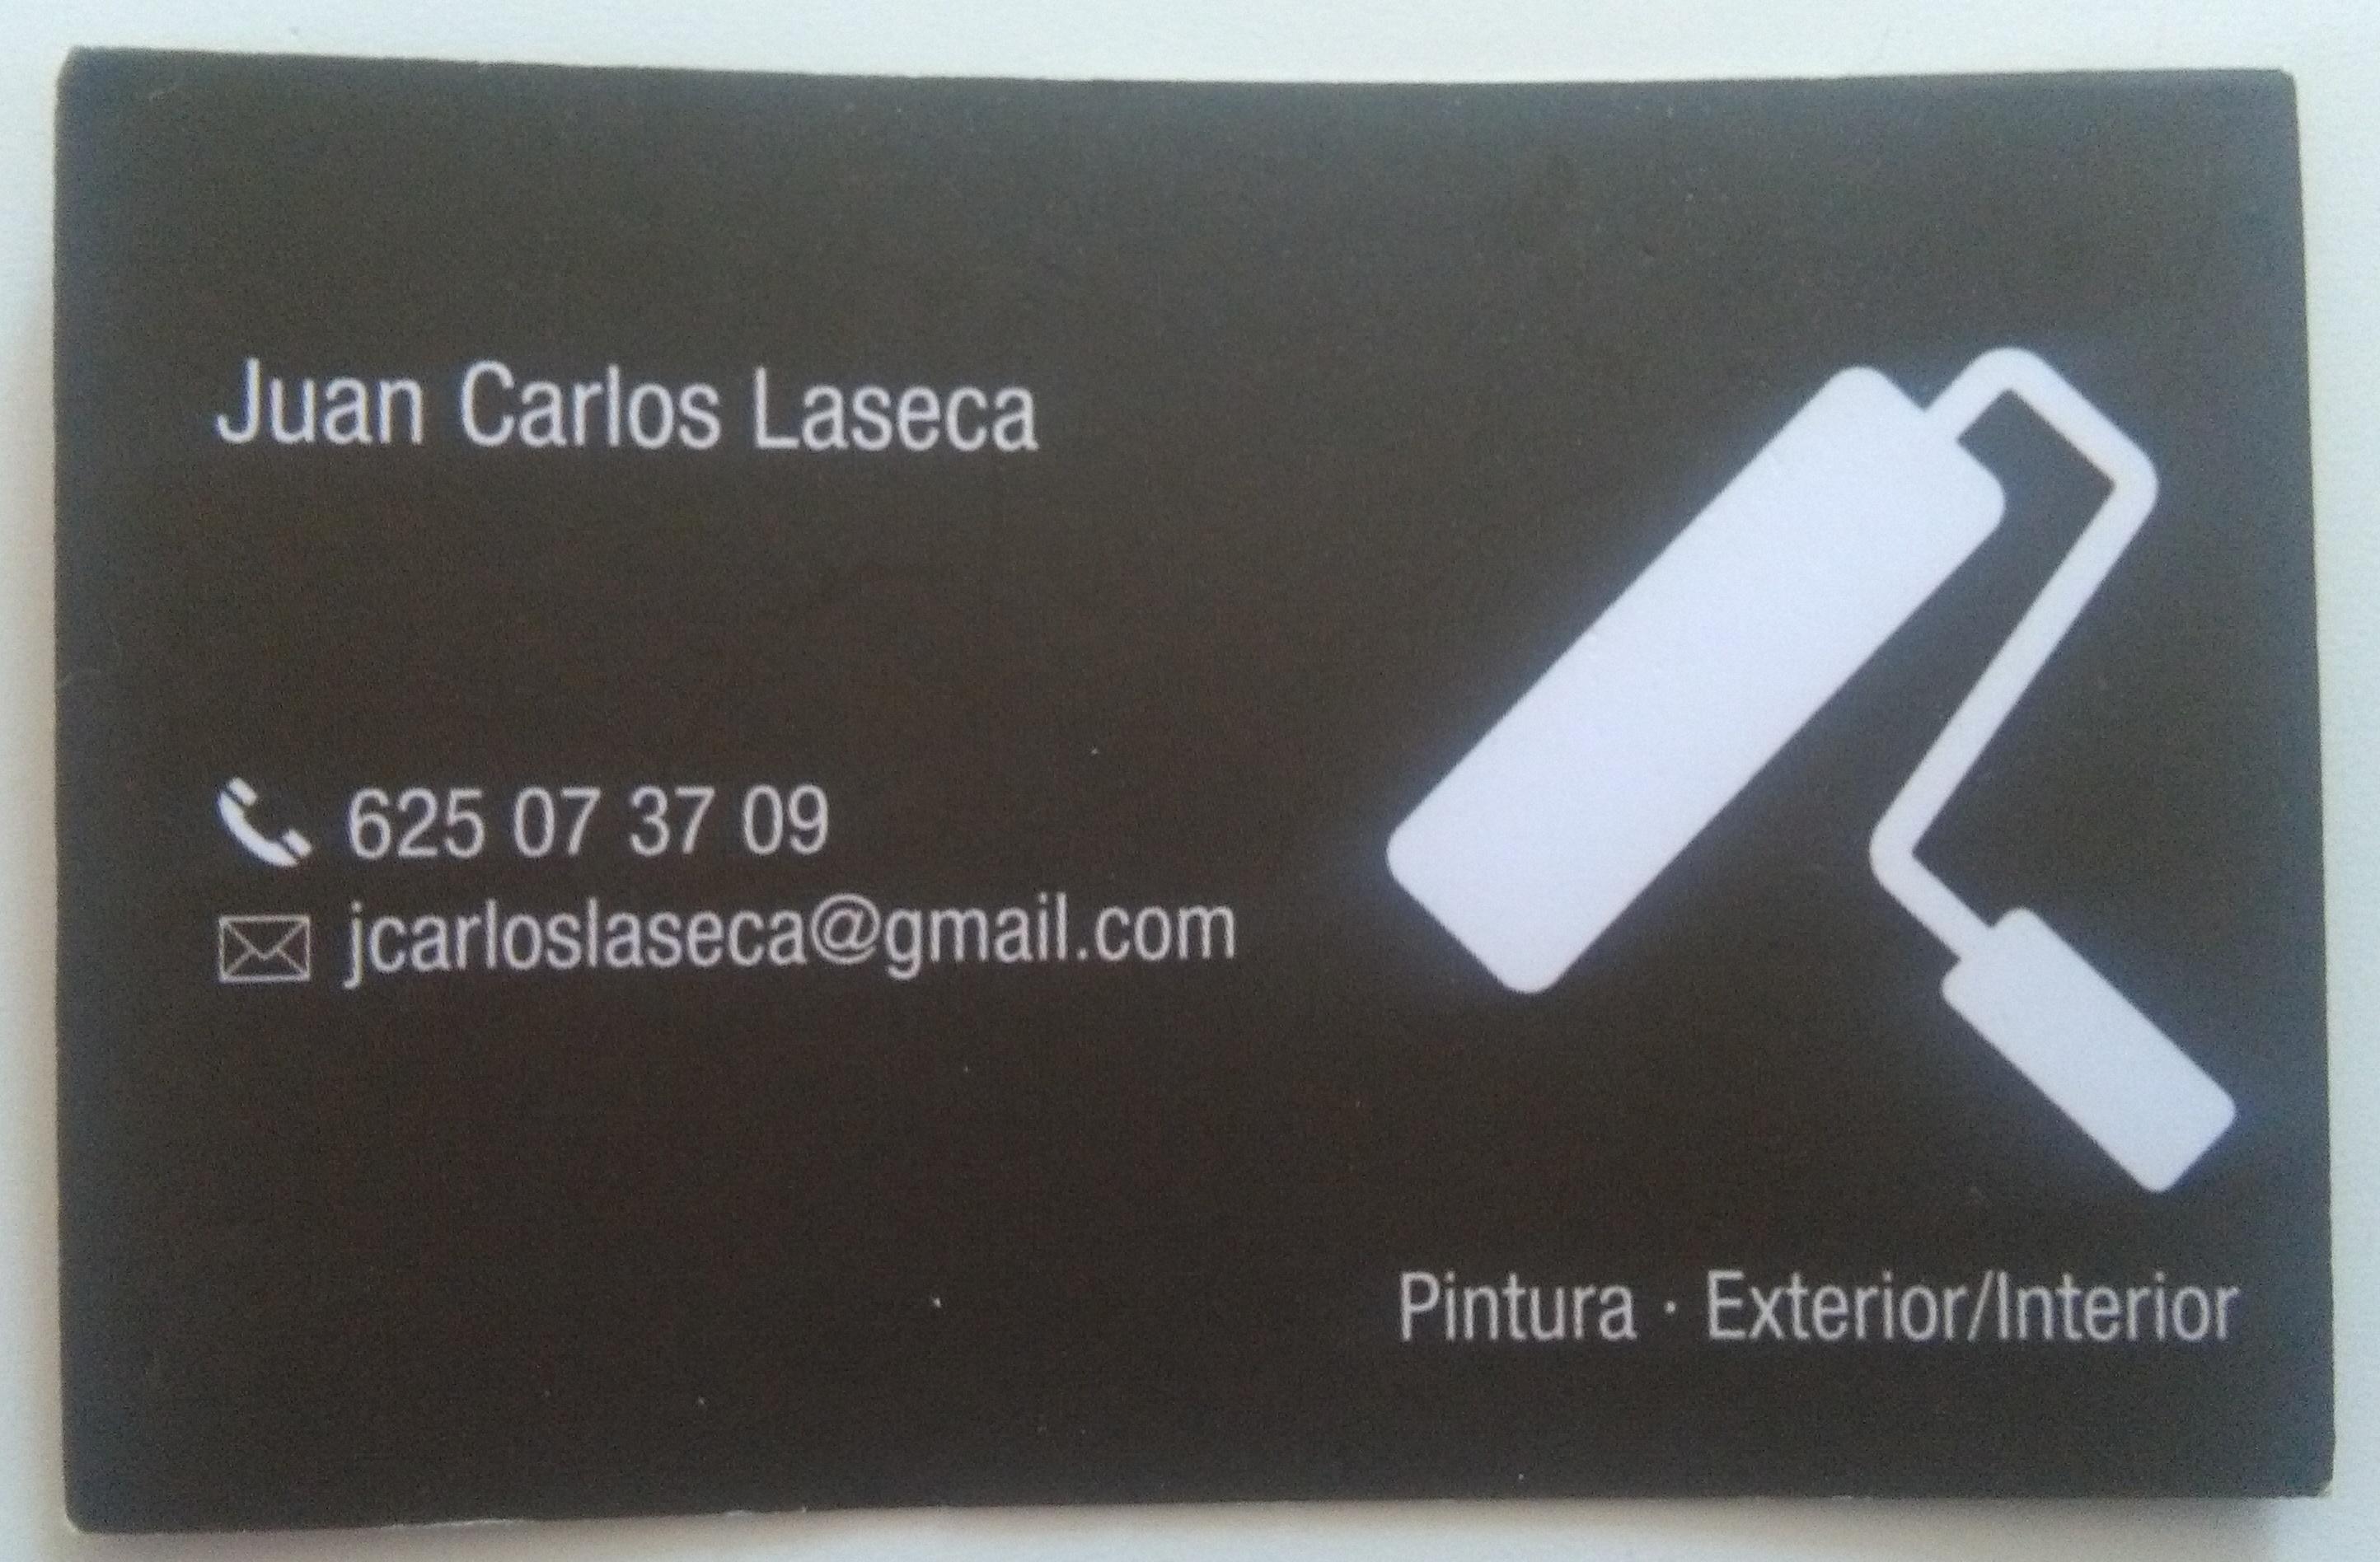 Juan Carlos Laseca